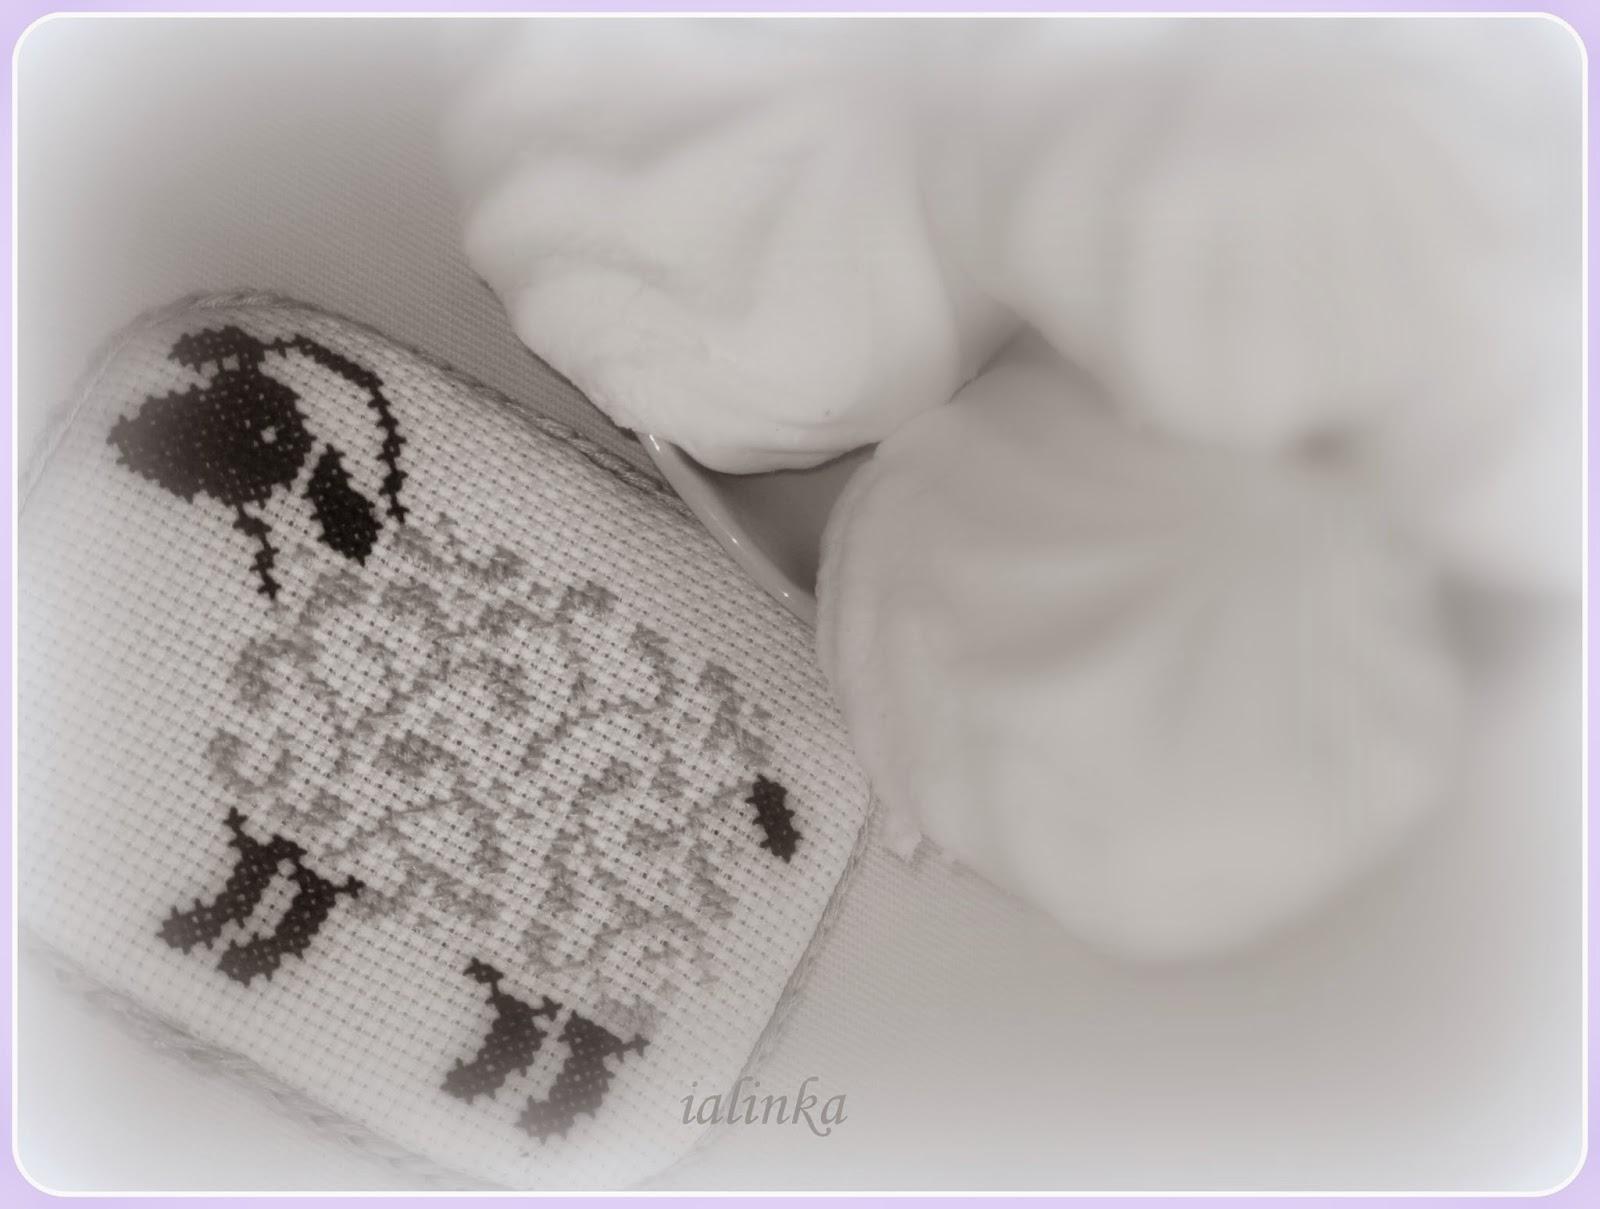 елочка, украшенная  игрушками  hand  made вышивка новый год